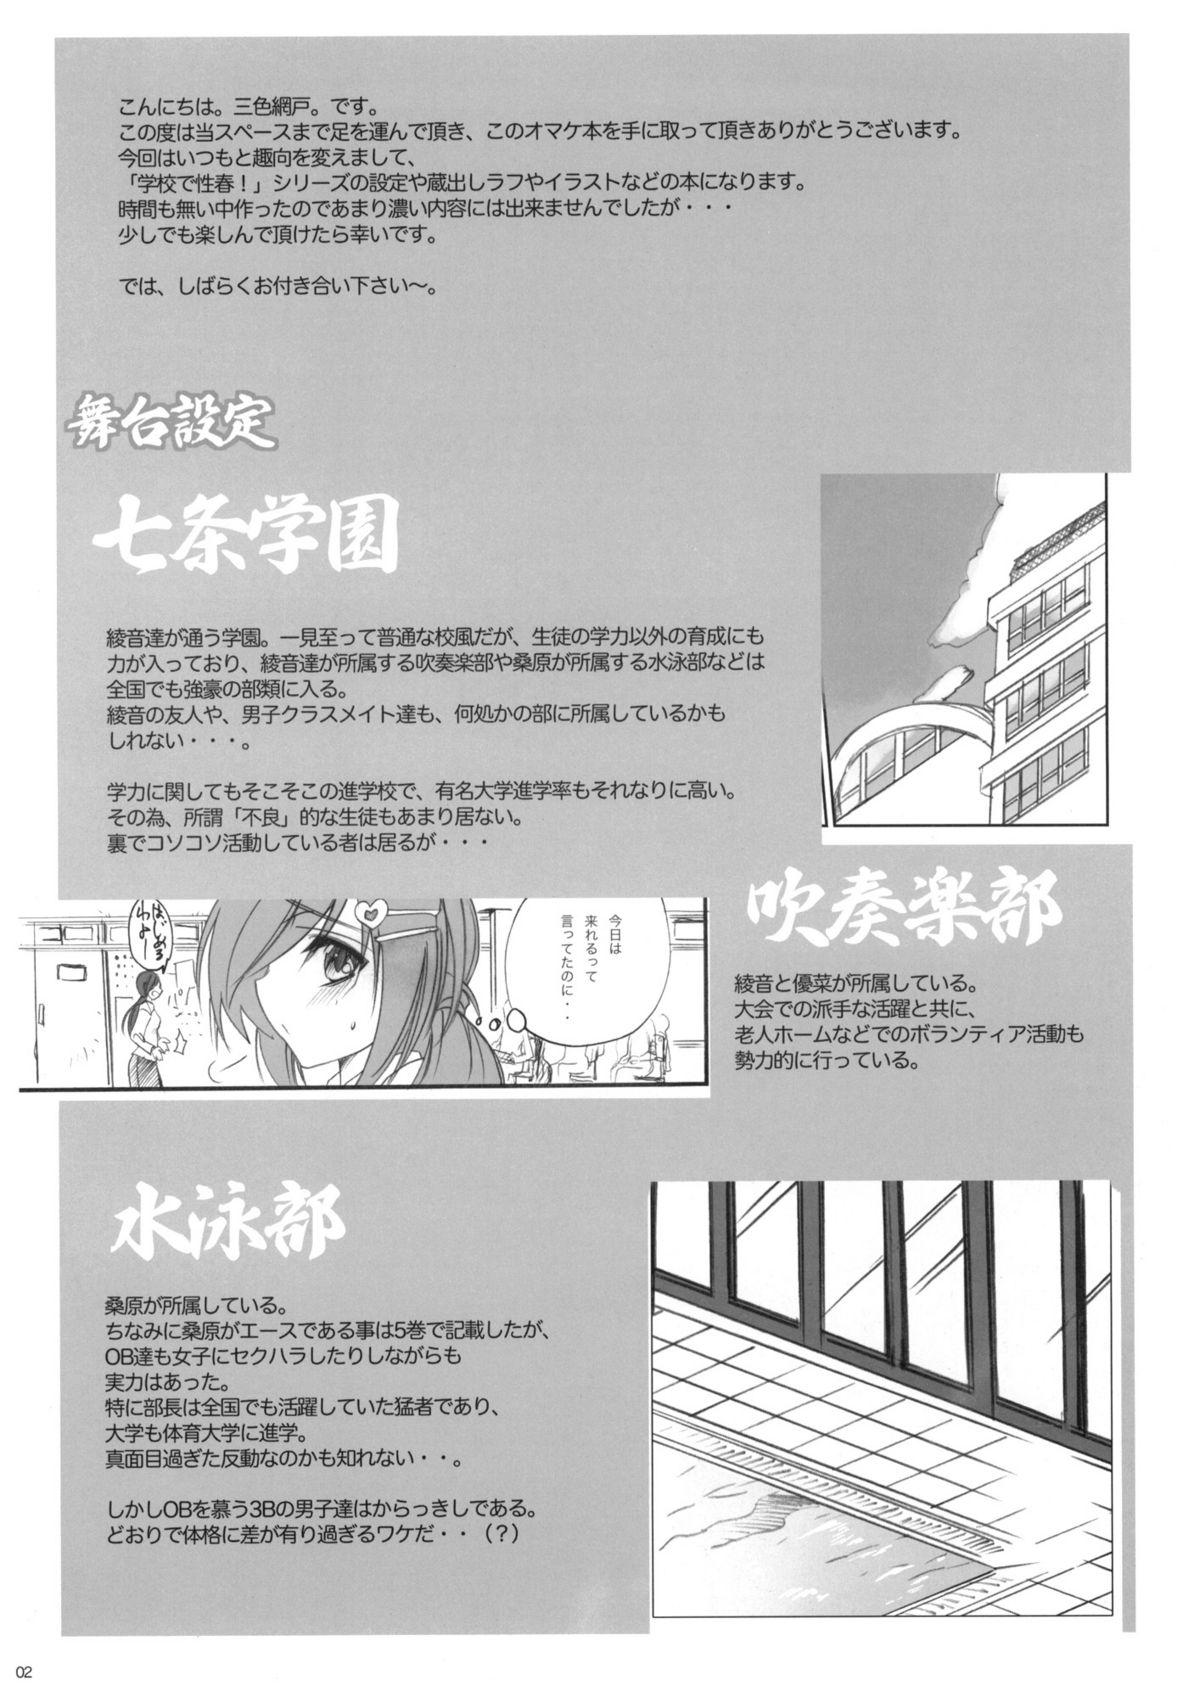 勝ち気な巨乳JKがスクール水着姿で輪姦凌辱される!?!?【エロ漫画・エロ同人】 (35)